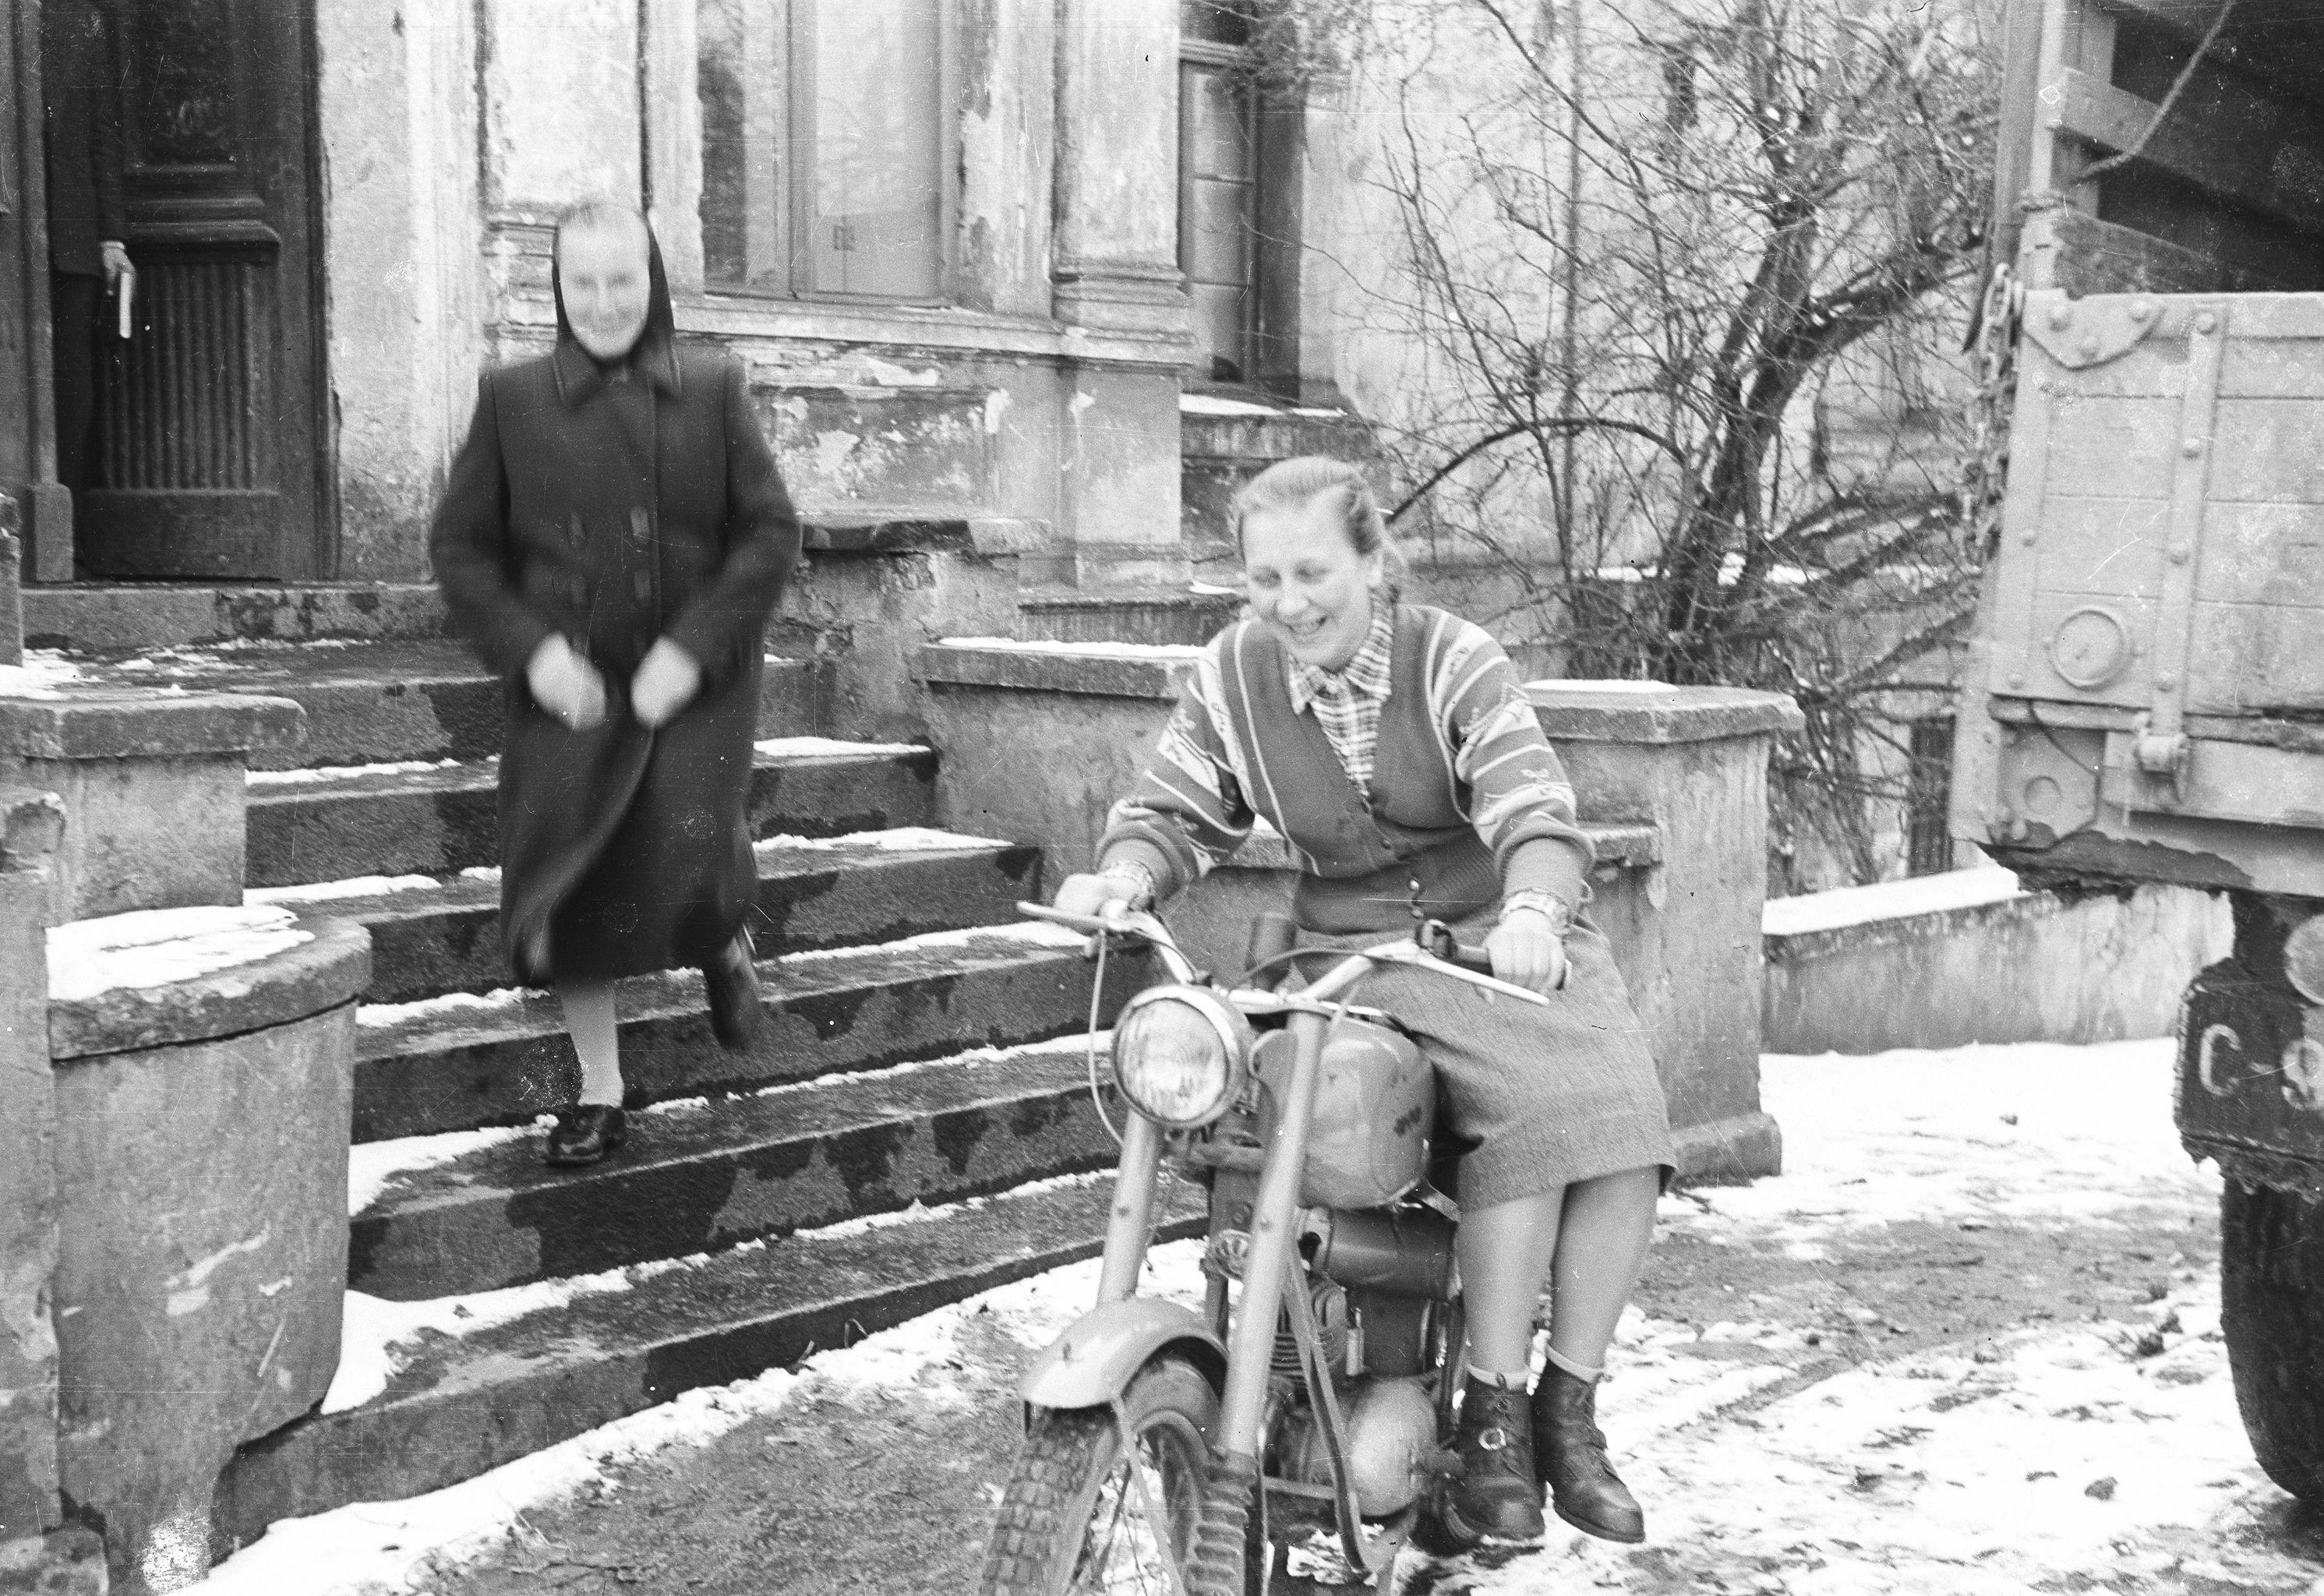 Irena Jaroń na motorze pod pałacem, Brzózka, Dolny Śląsk, lata 50. XX w.